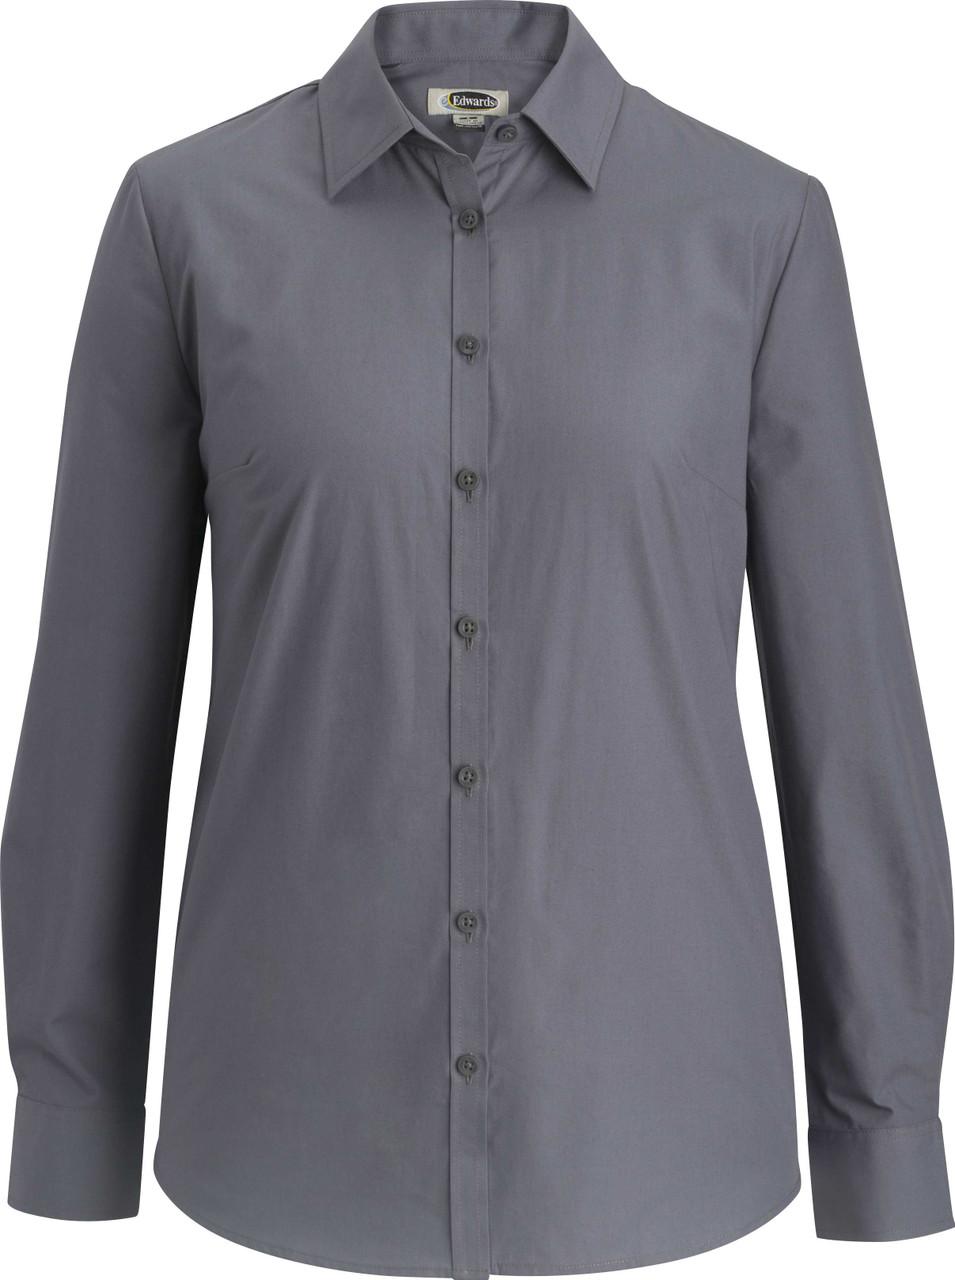 Ladies Essential Broadcloth Shirt in 3 Sleeve Lengths